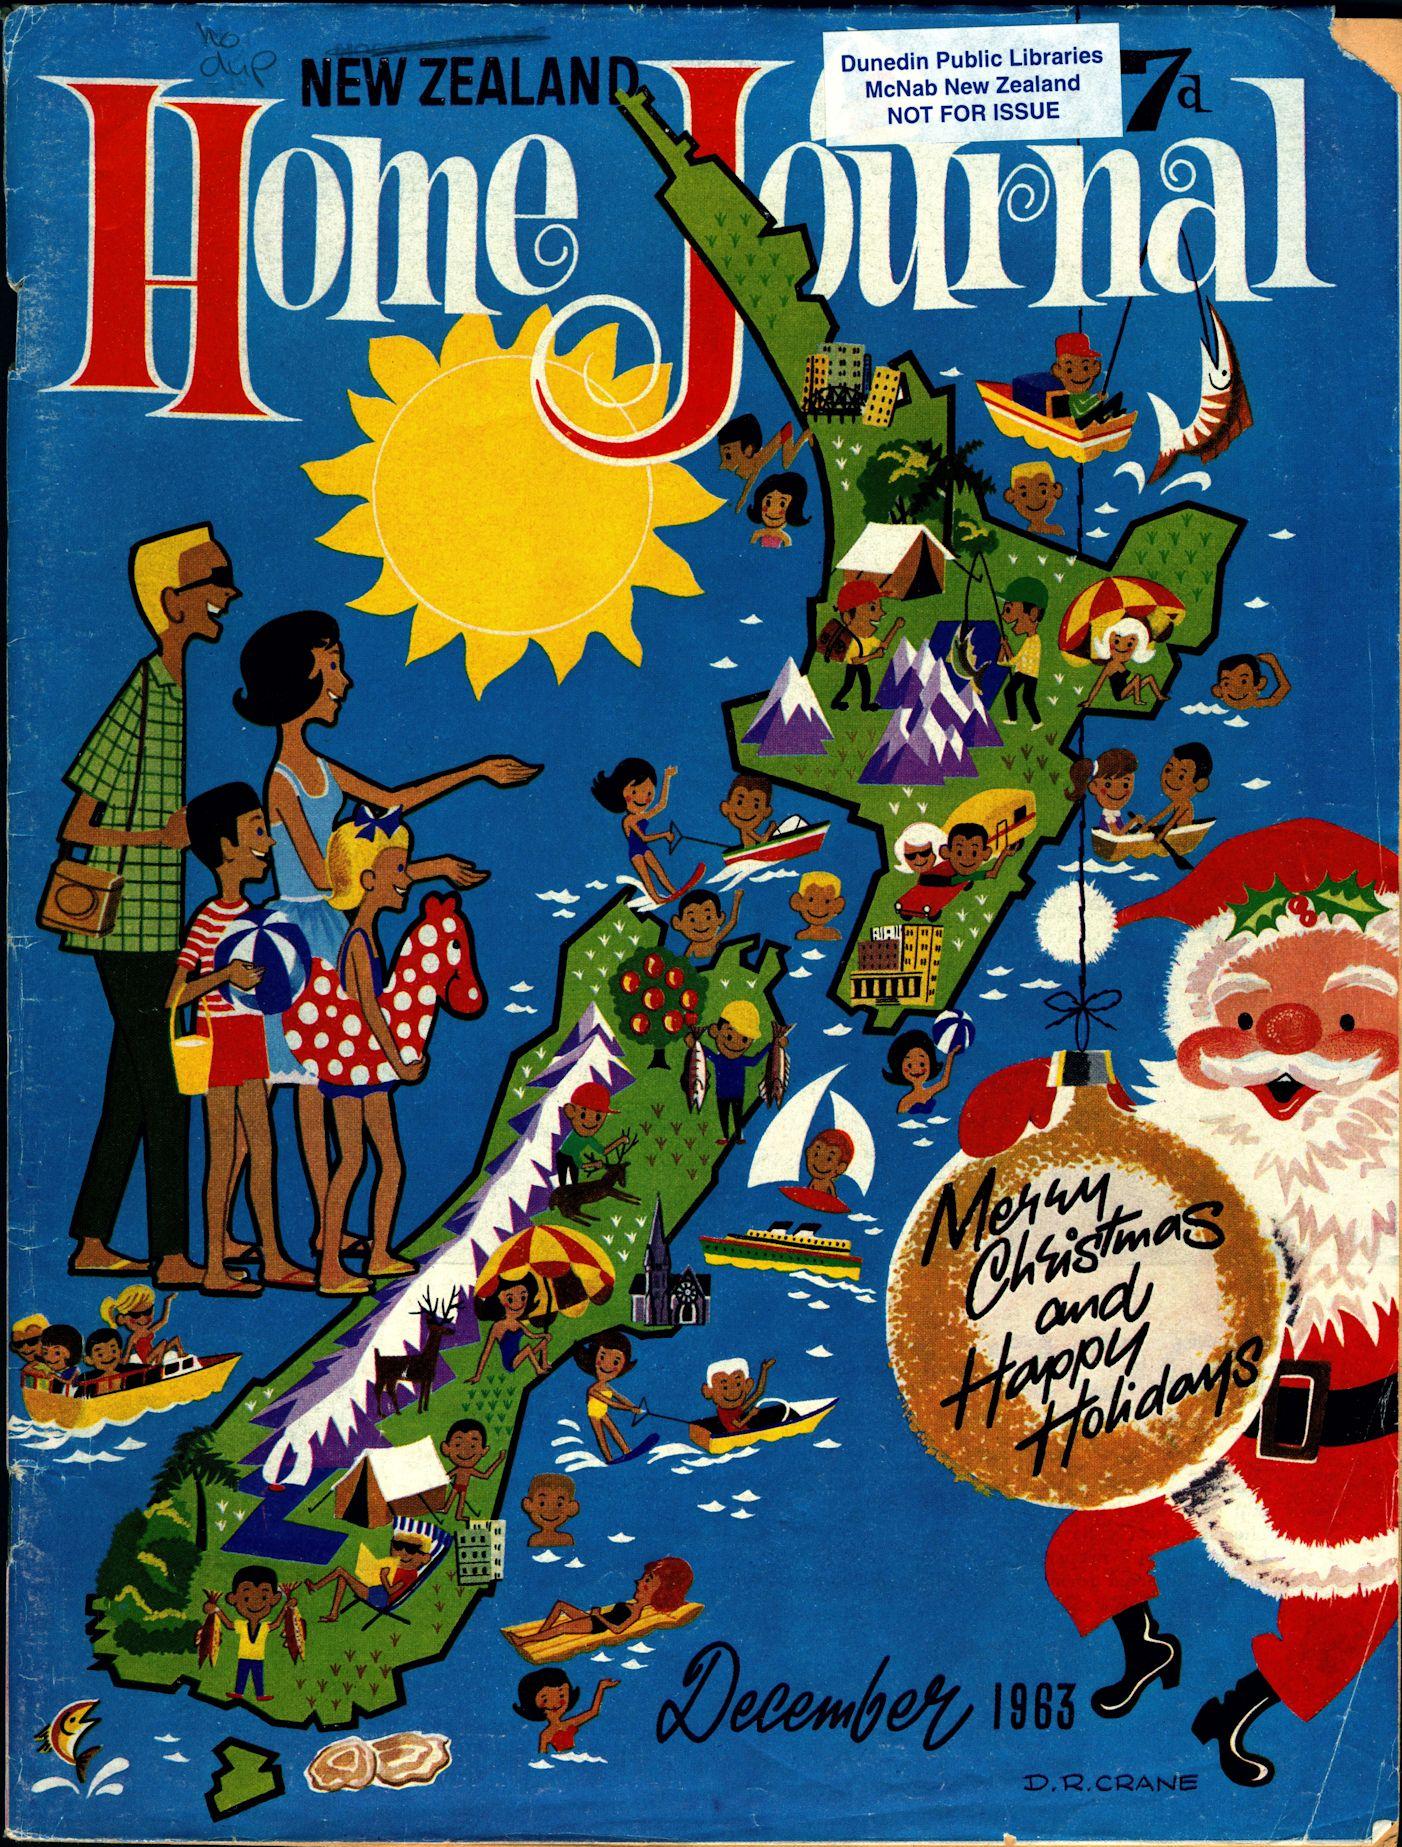 New Zealand Home Journal. December 1963.